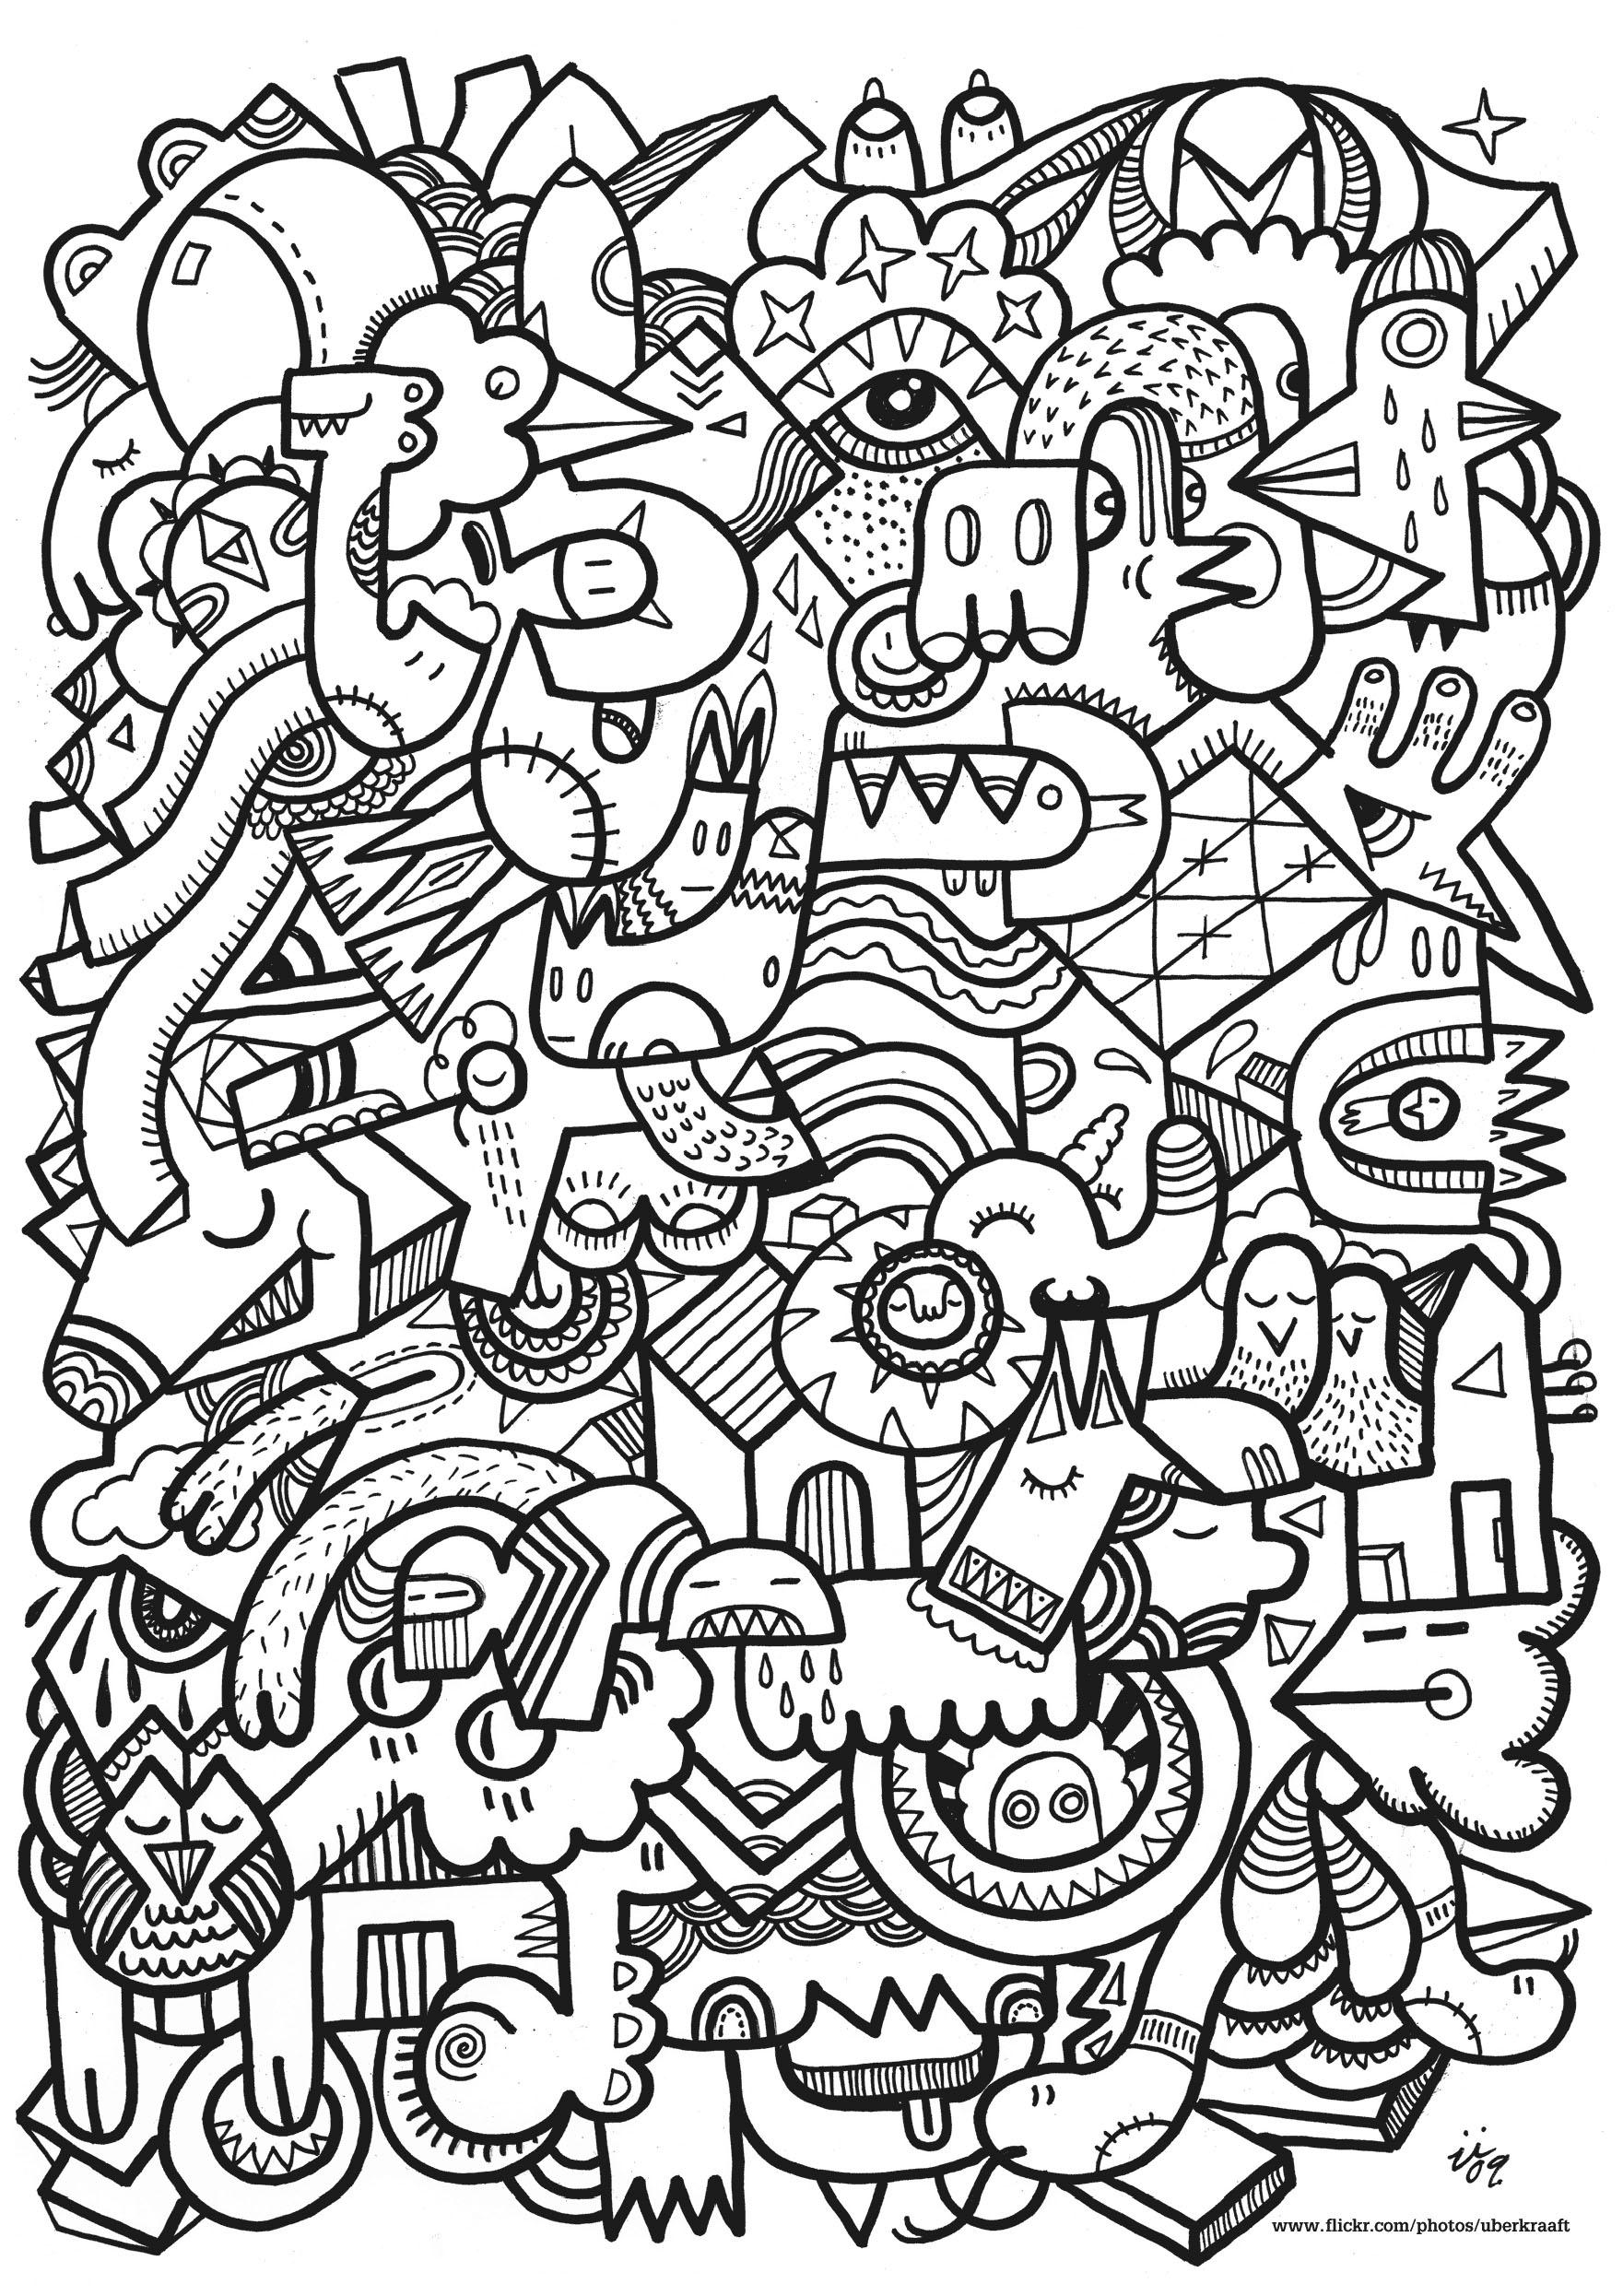 Colorear para adultos : Doodle art / Doodling - 12